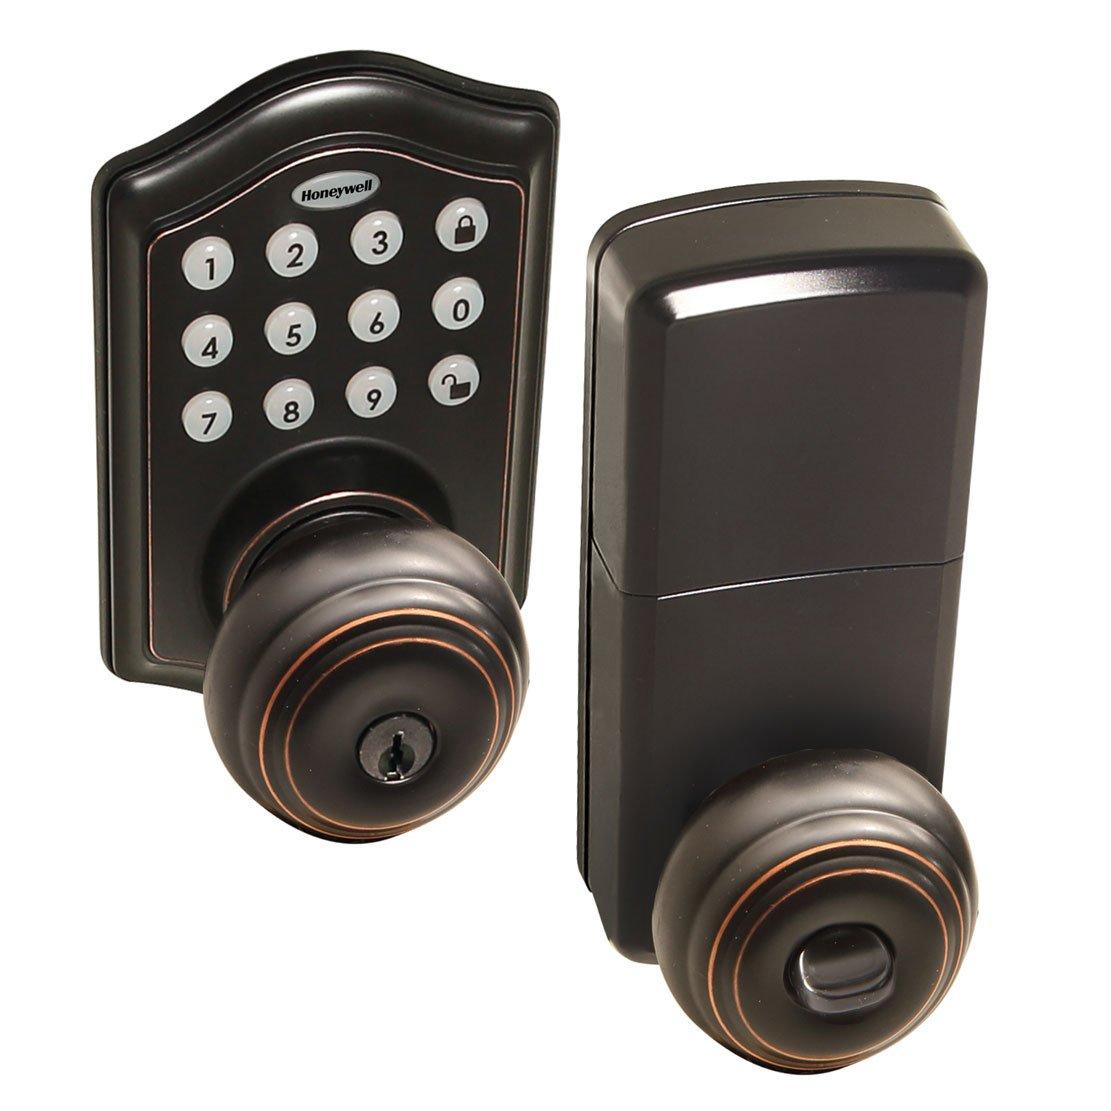 Honeywell Safes & Door Locks - 8732401 Electronic Entry Knob Door Lock, Oil Rubbed Bronze